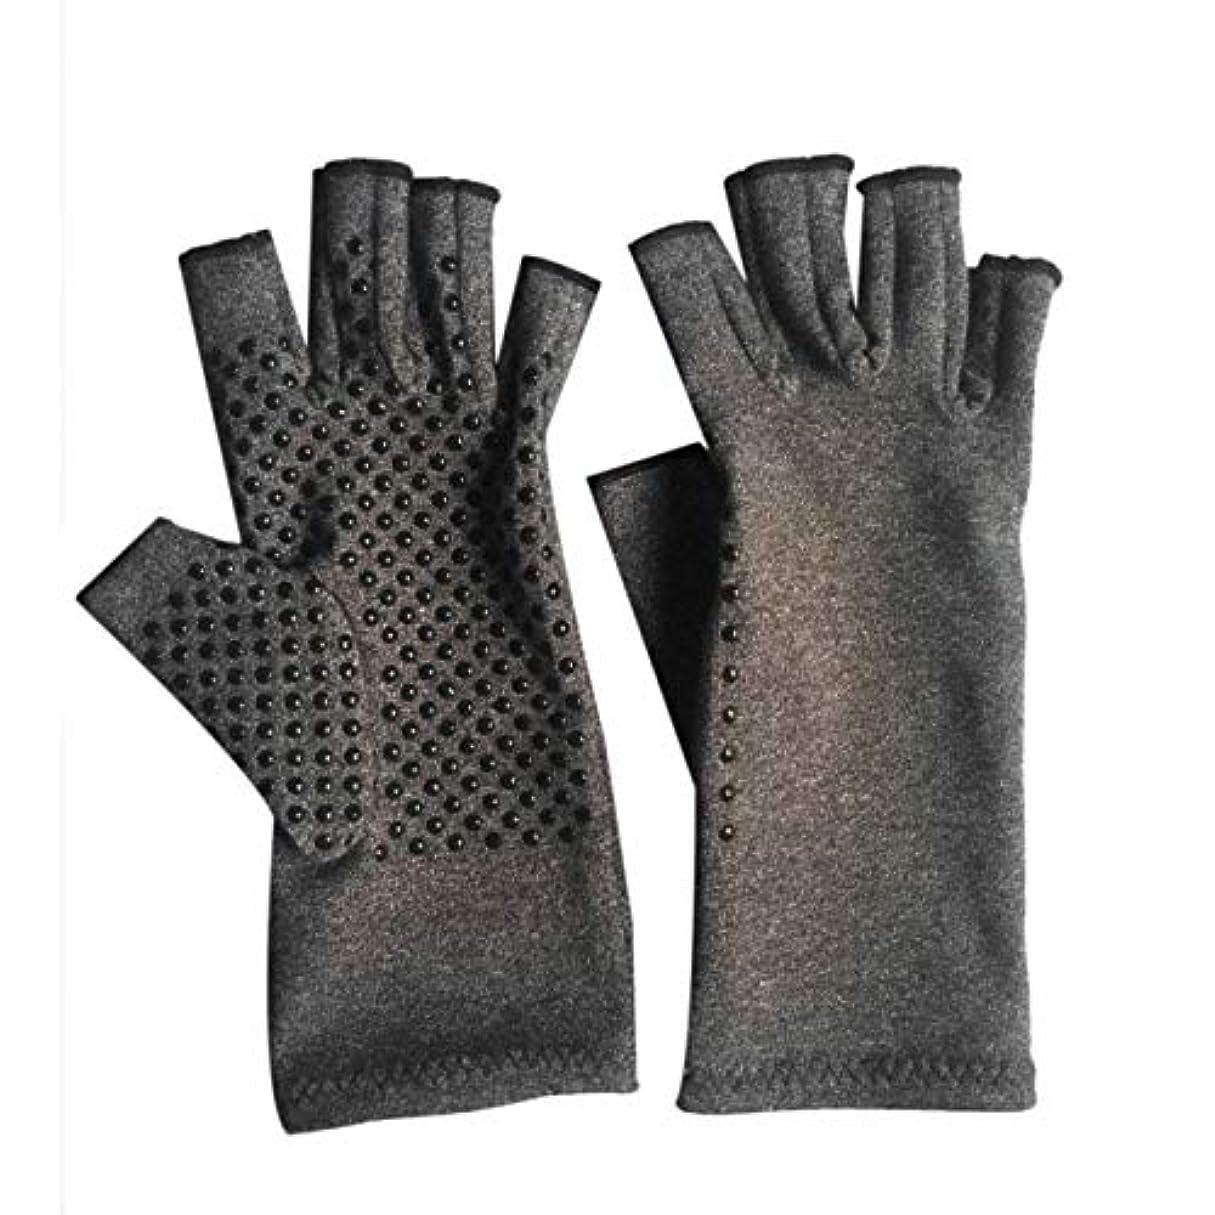 ヘルメット本質的にレプリカDeeploveUU 1ペアユニセックス男性女性療法圧縮手袋関節炎関節痛緩和ヘルスケアハーフフィンガーグローブトレーニンググローブ